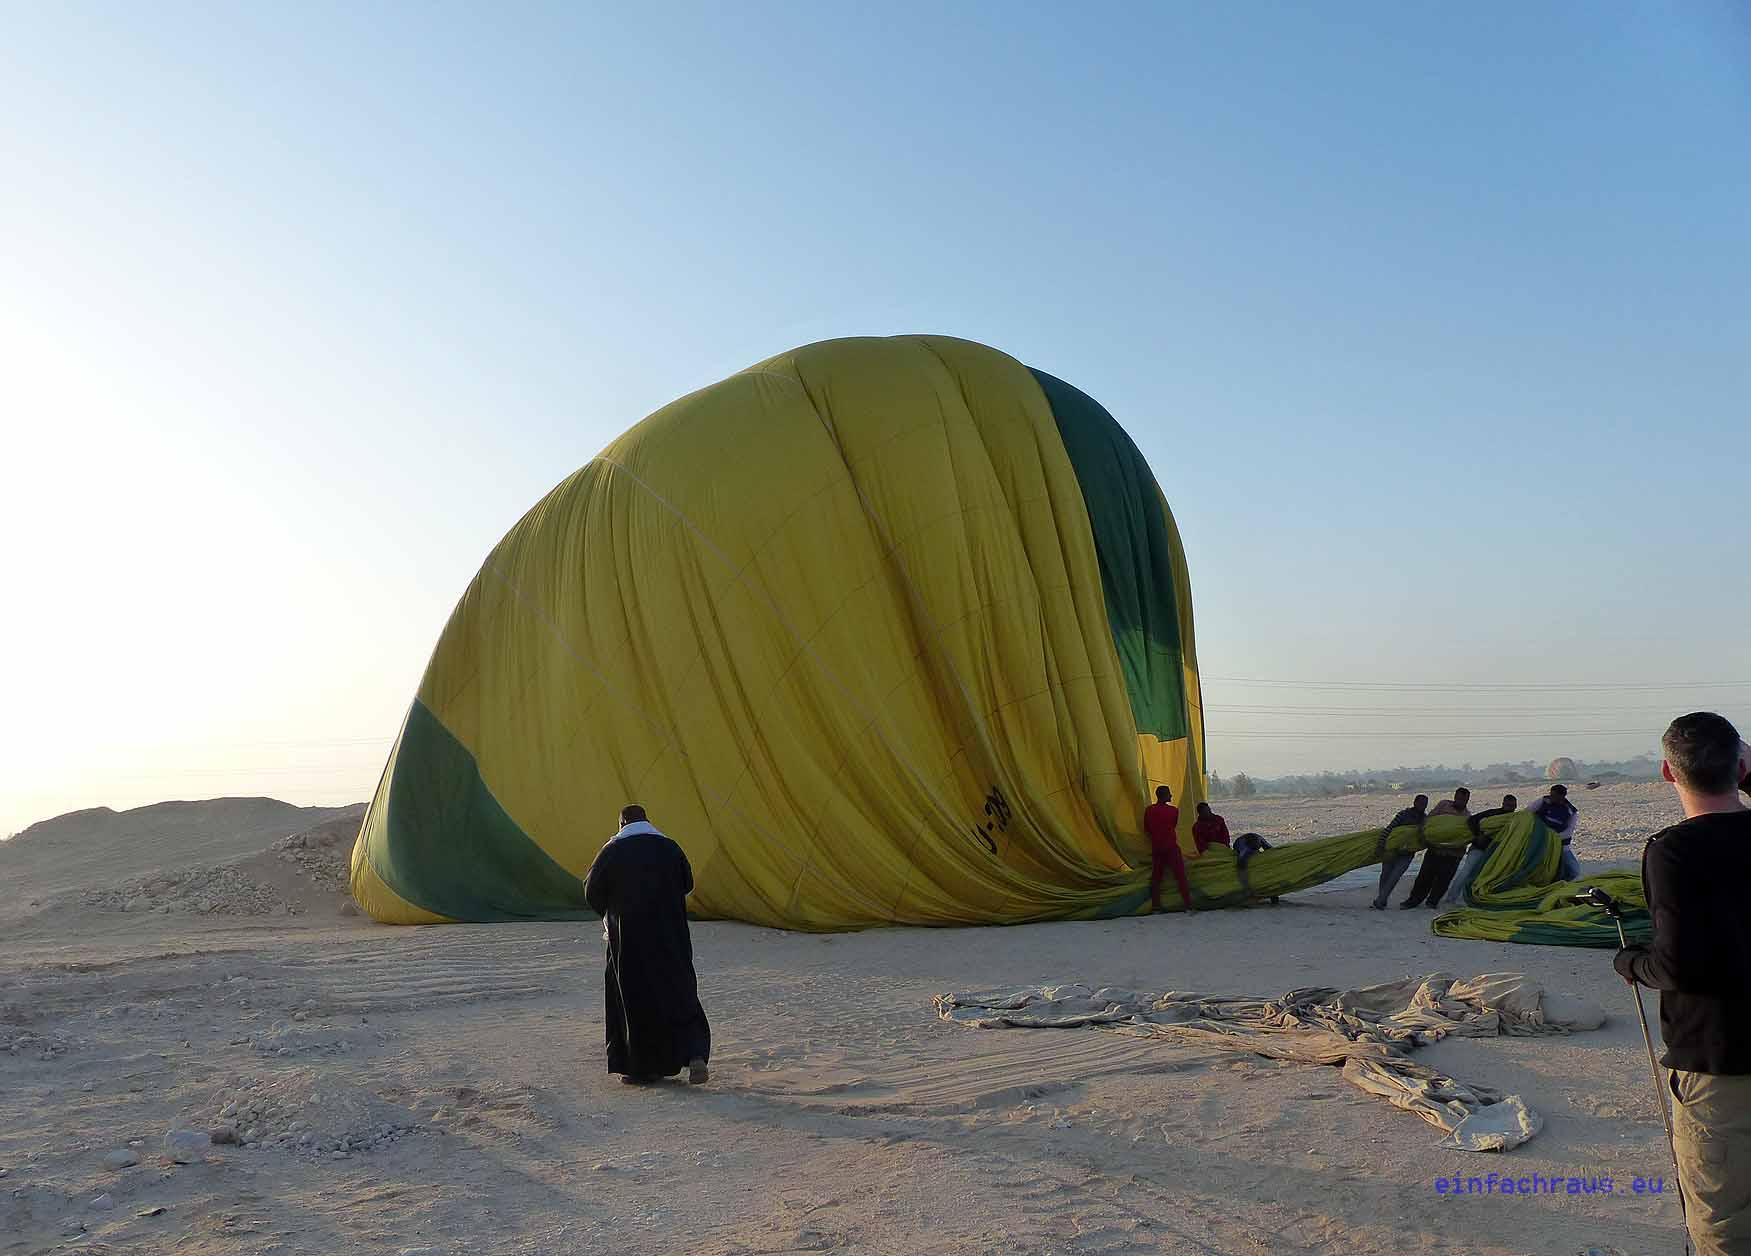 Fleissige Helfer packen den Heissluftballon schnell zusammen und bringen ihn an den Ausgangsort zurück. Foto: Weirauch